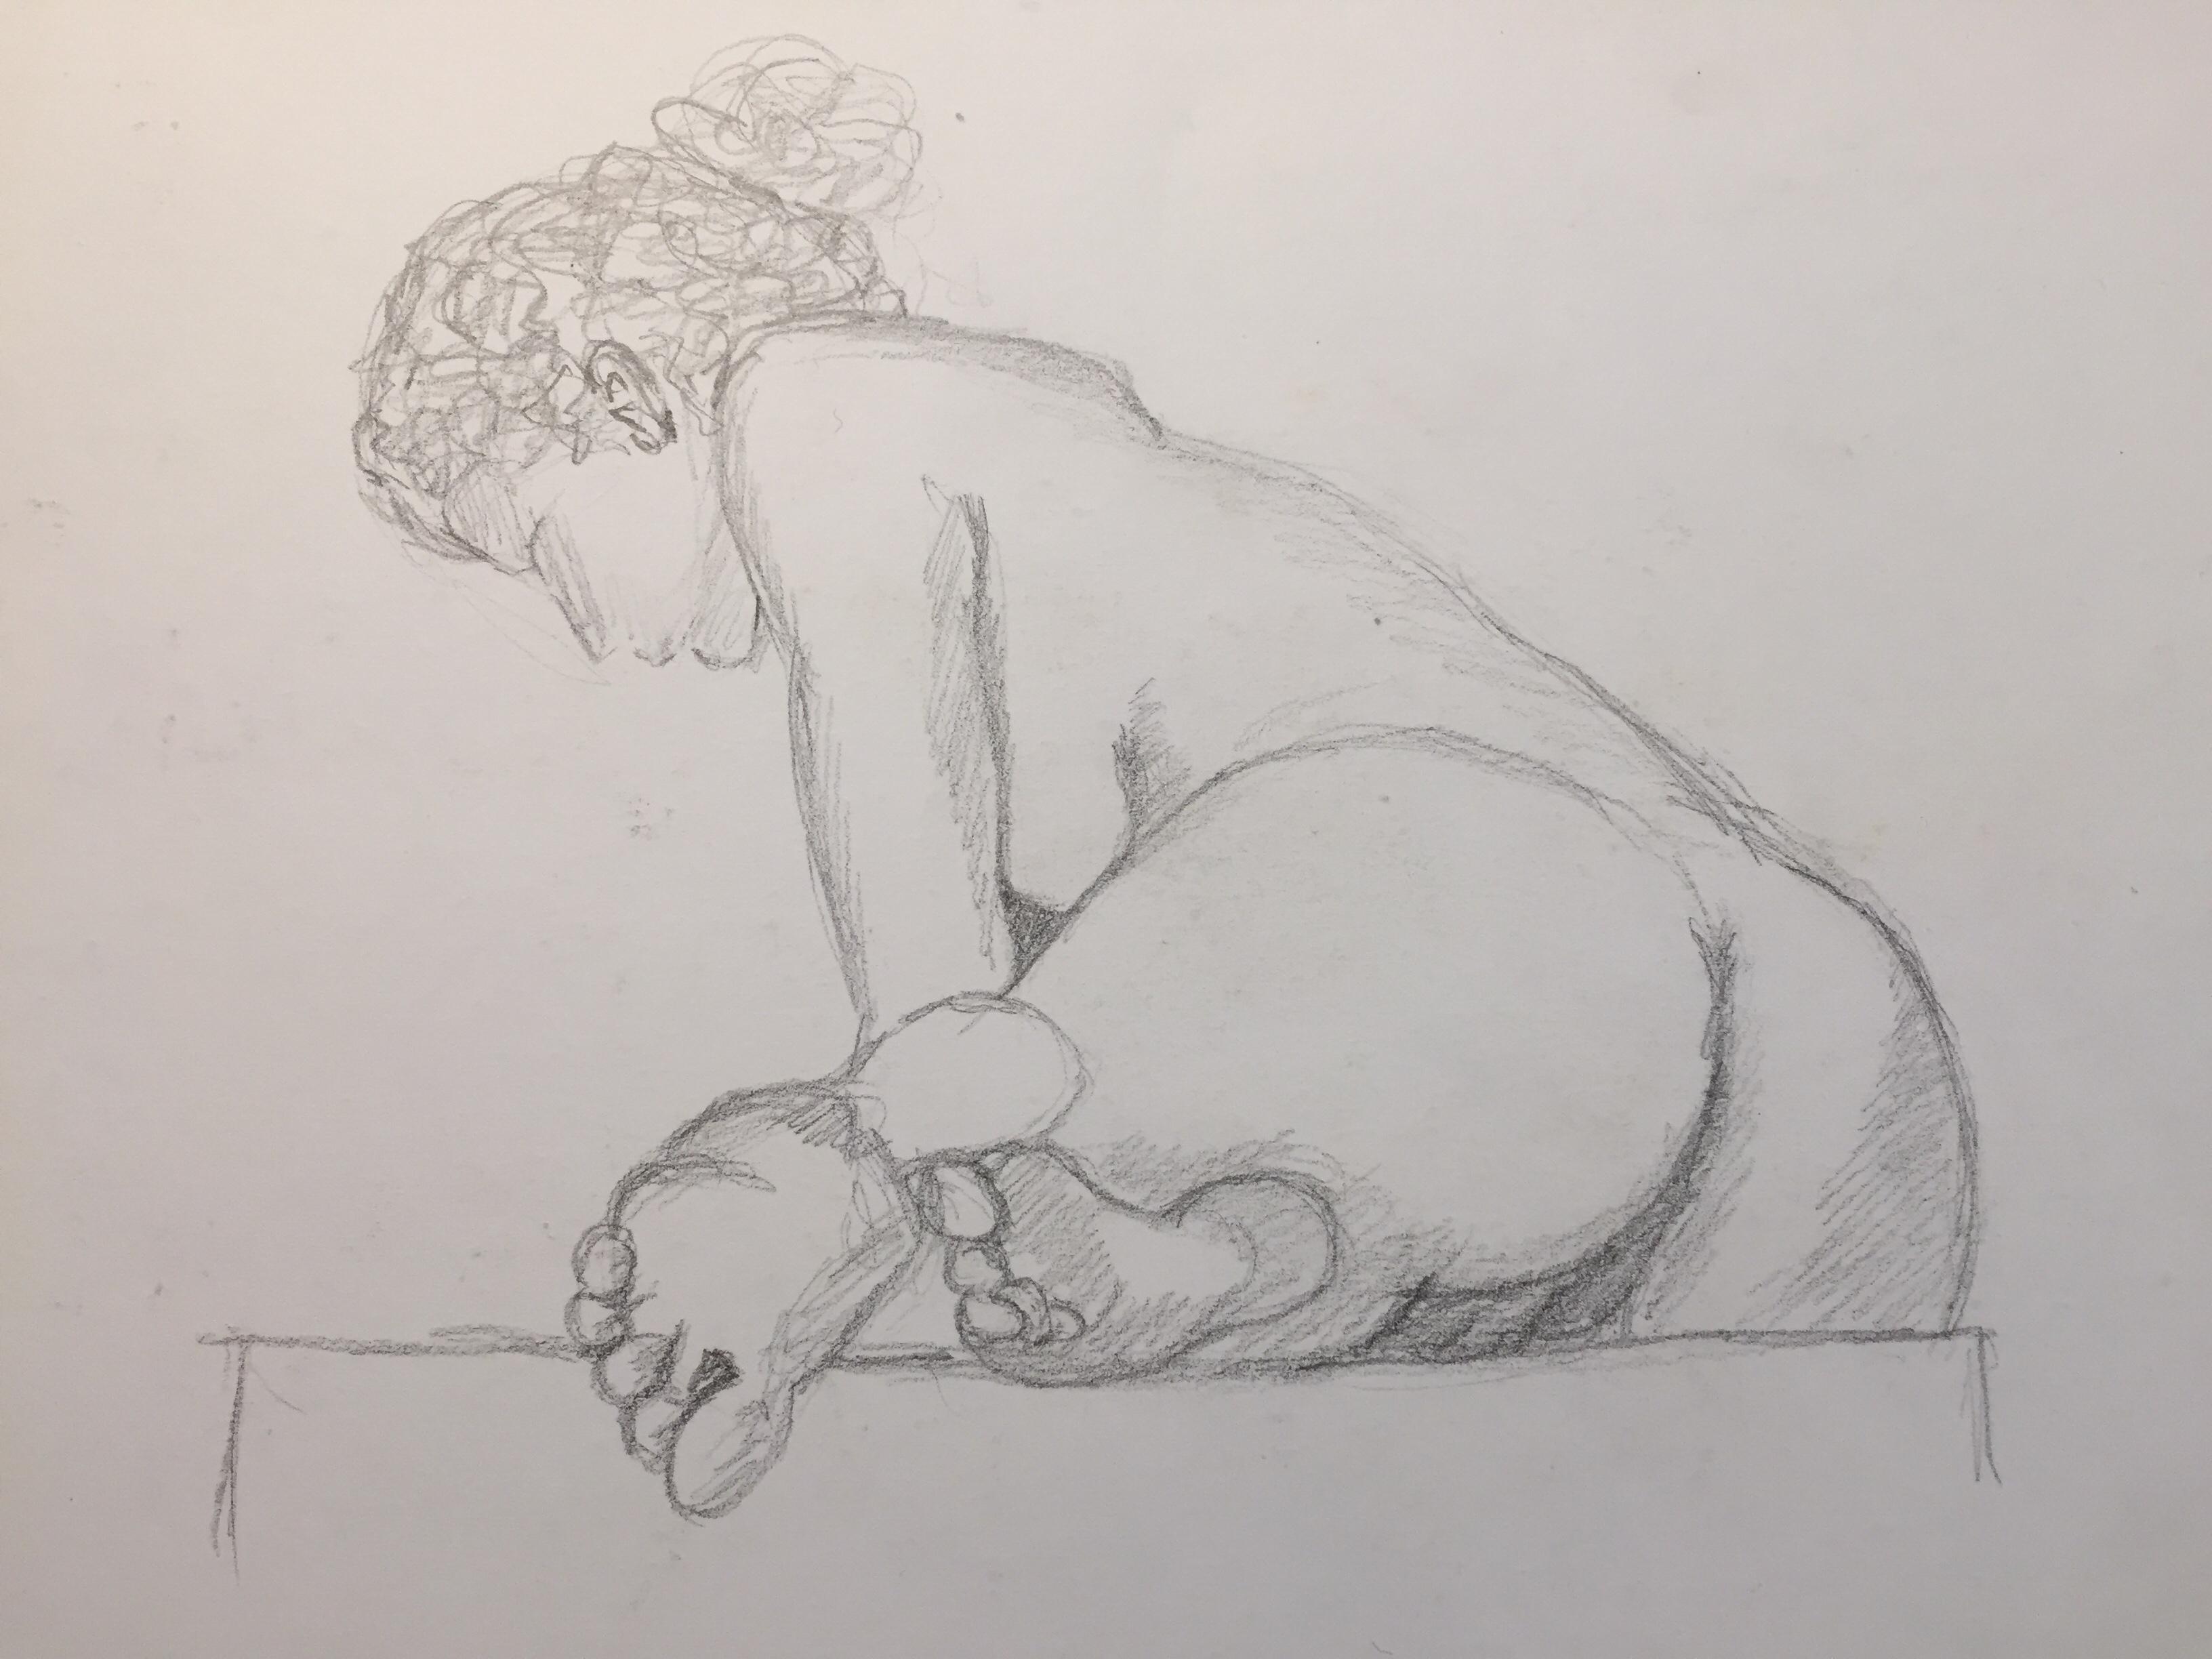 Esquisses hachures crayon de papier  cours de dessin